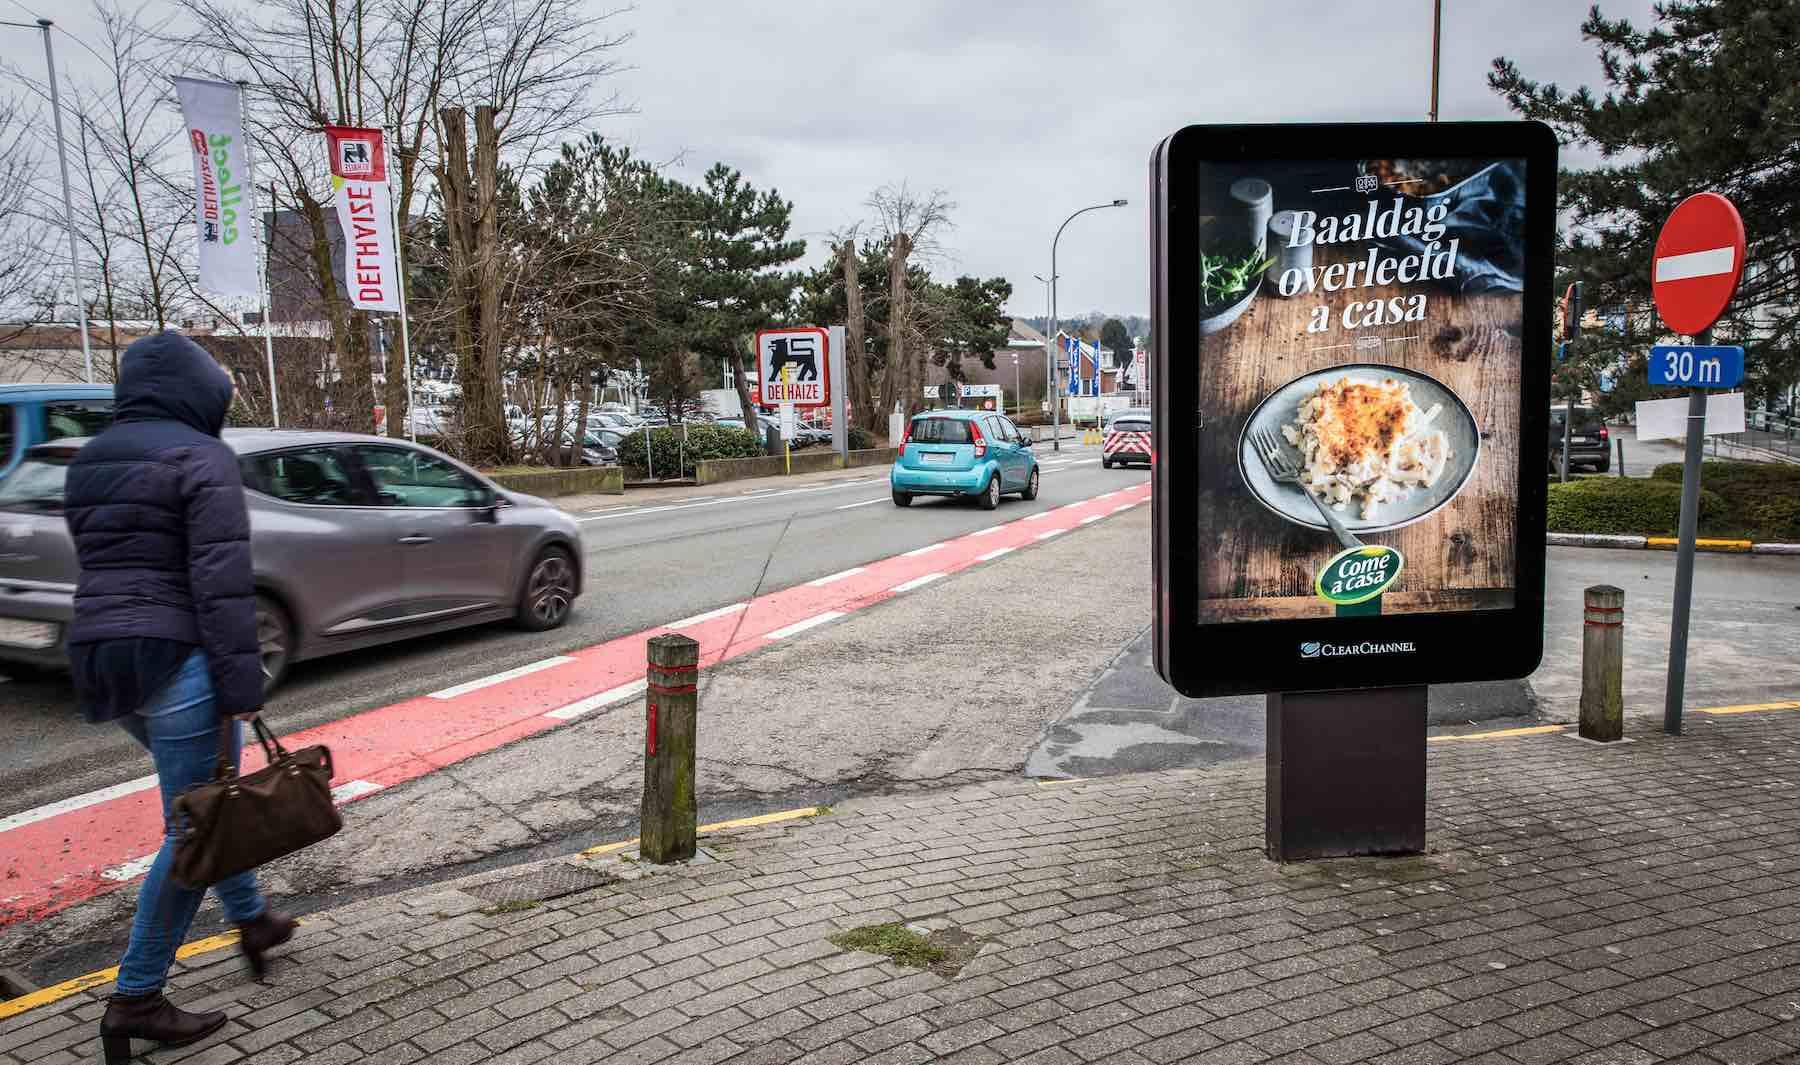 street-furniture-advertising